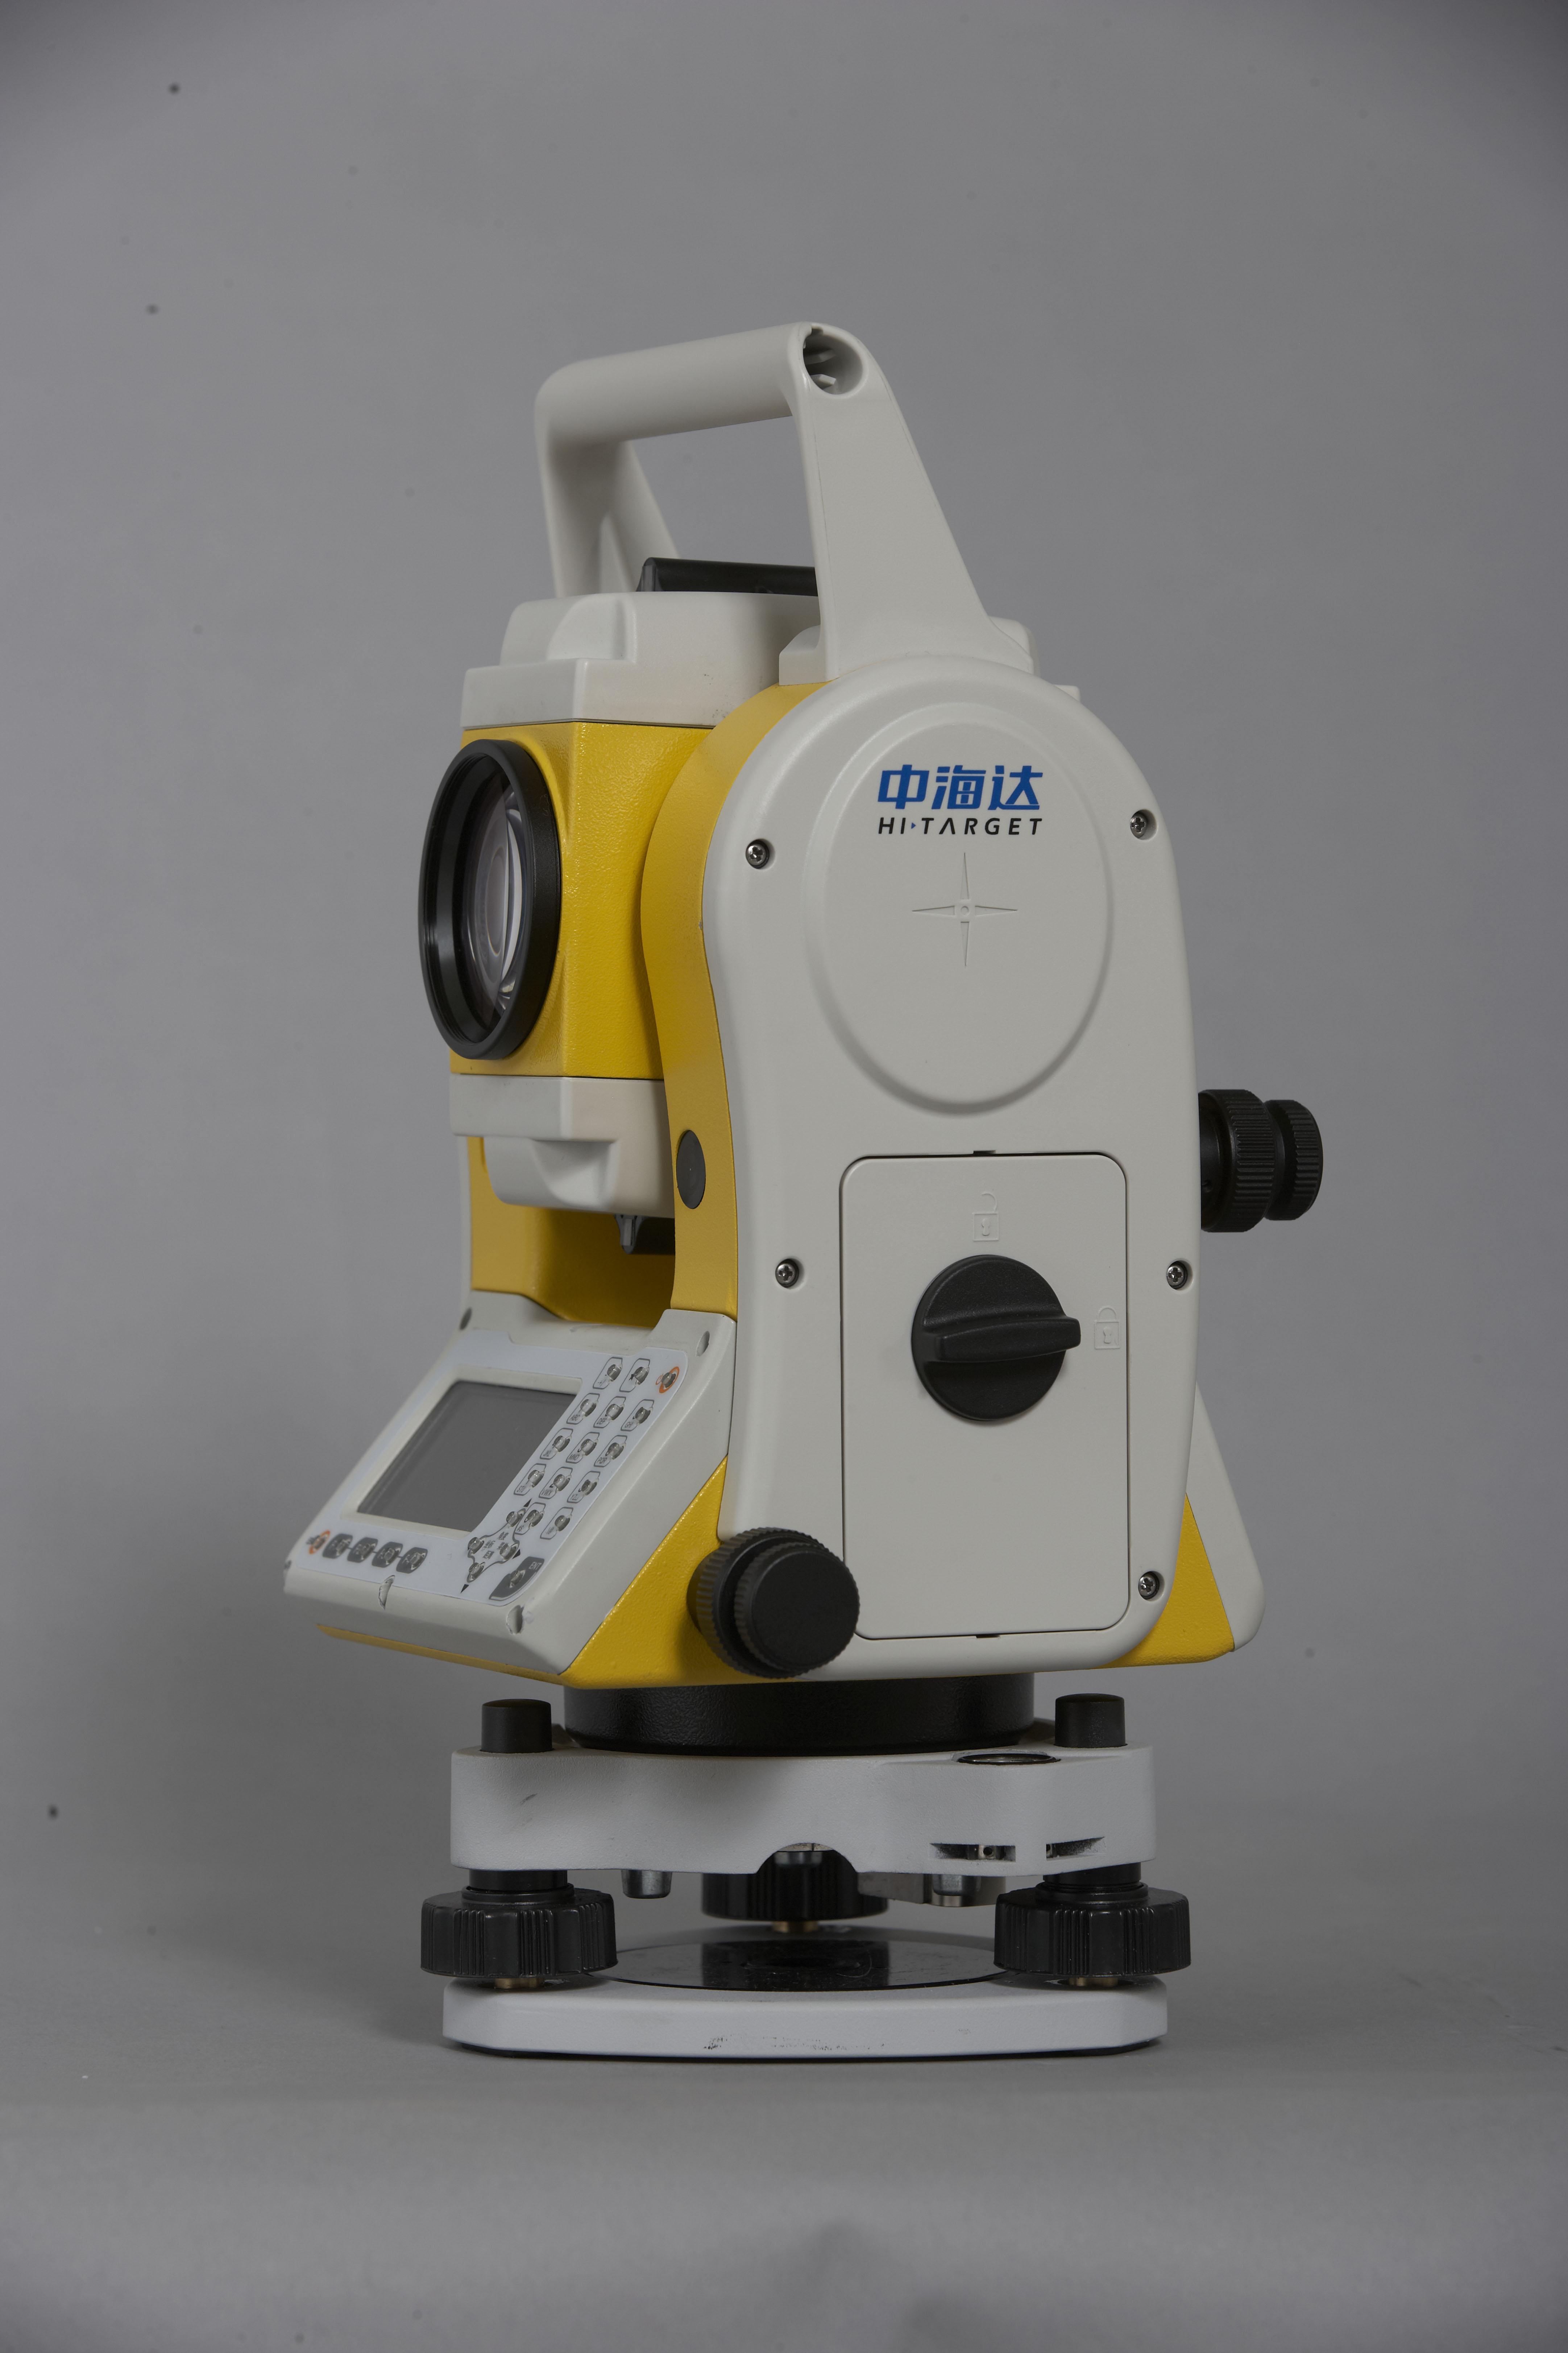 中海达小型化免棱镜全站仪